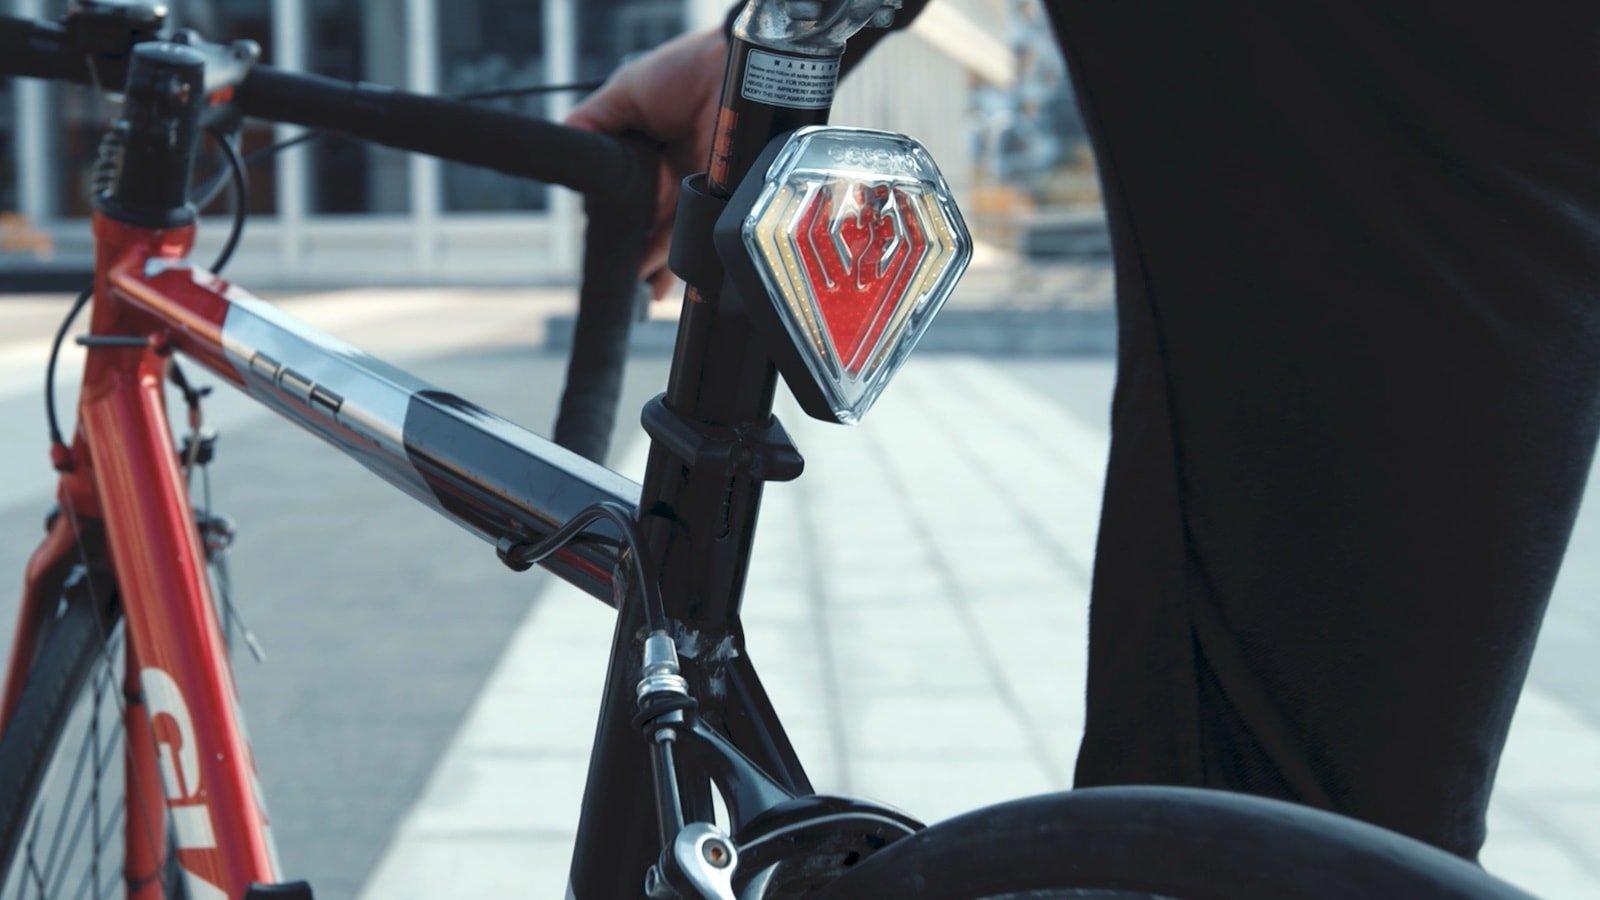 ESSENS SHIELD smart bike taillight keeps you and your bike safe